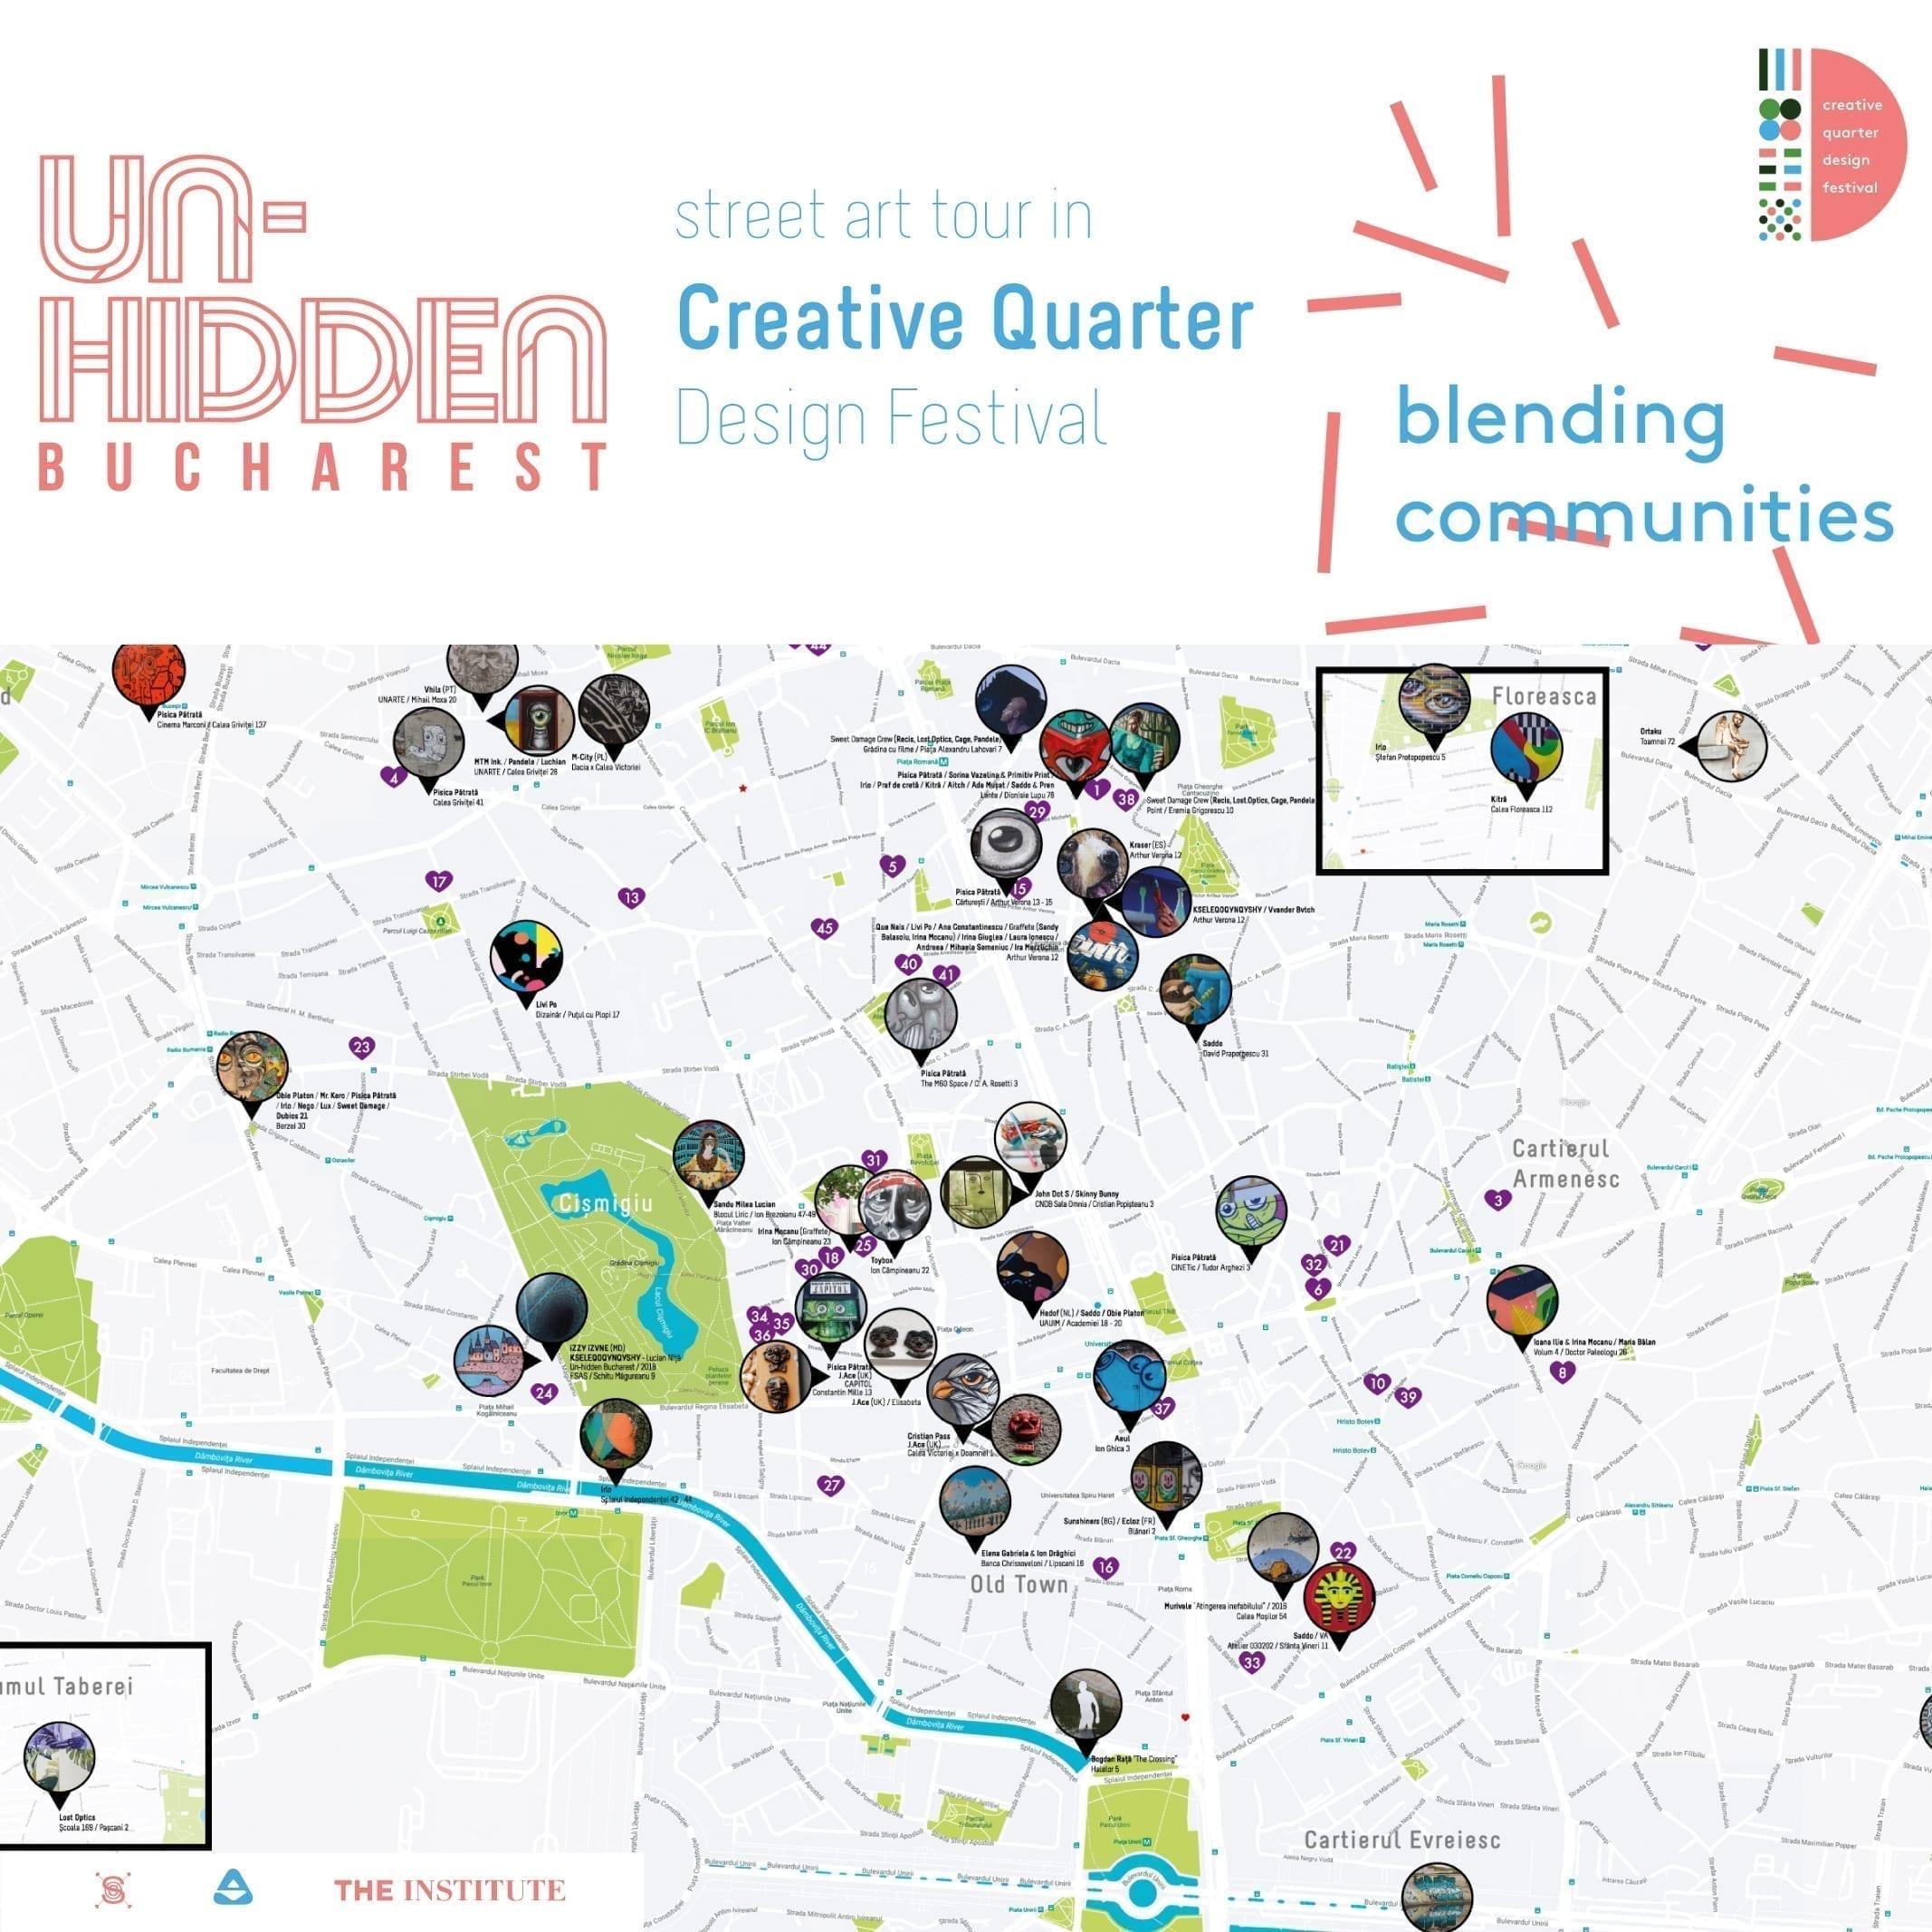 Un-hidden Bucharest - street art tour Creative Quarter Design Festival